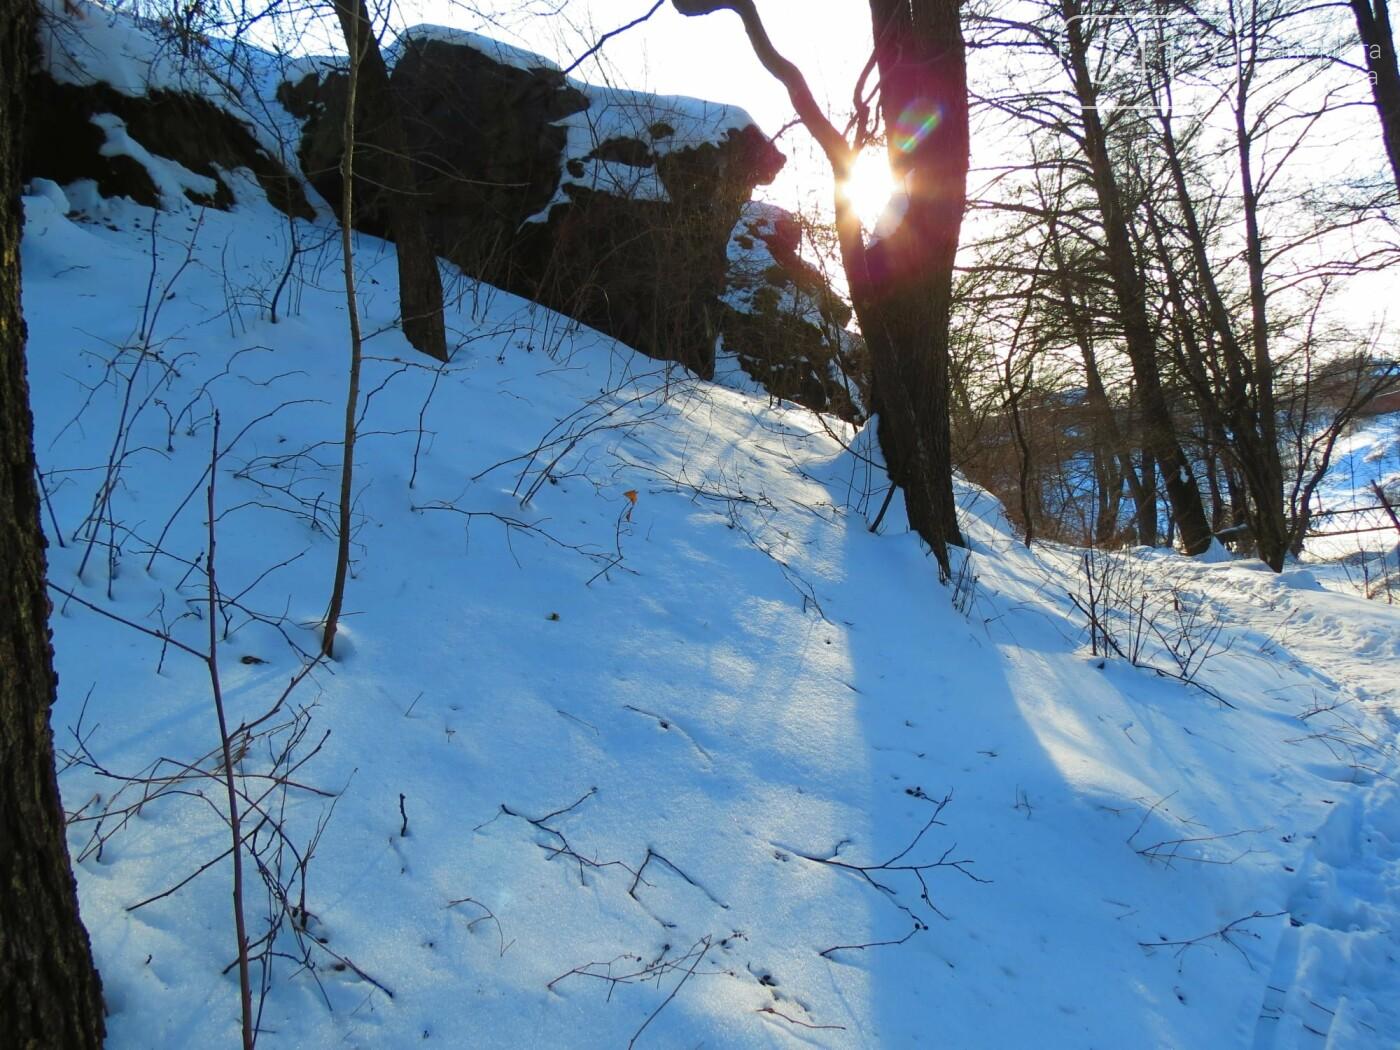 Між зимою та весною: неймовірної краси місцини в Житомирі. ФОТОРЕПОРТАЖ, фото-20